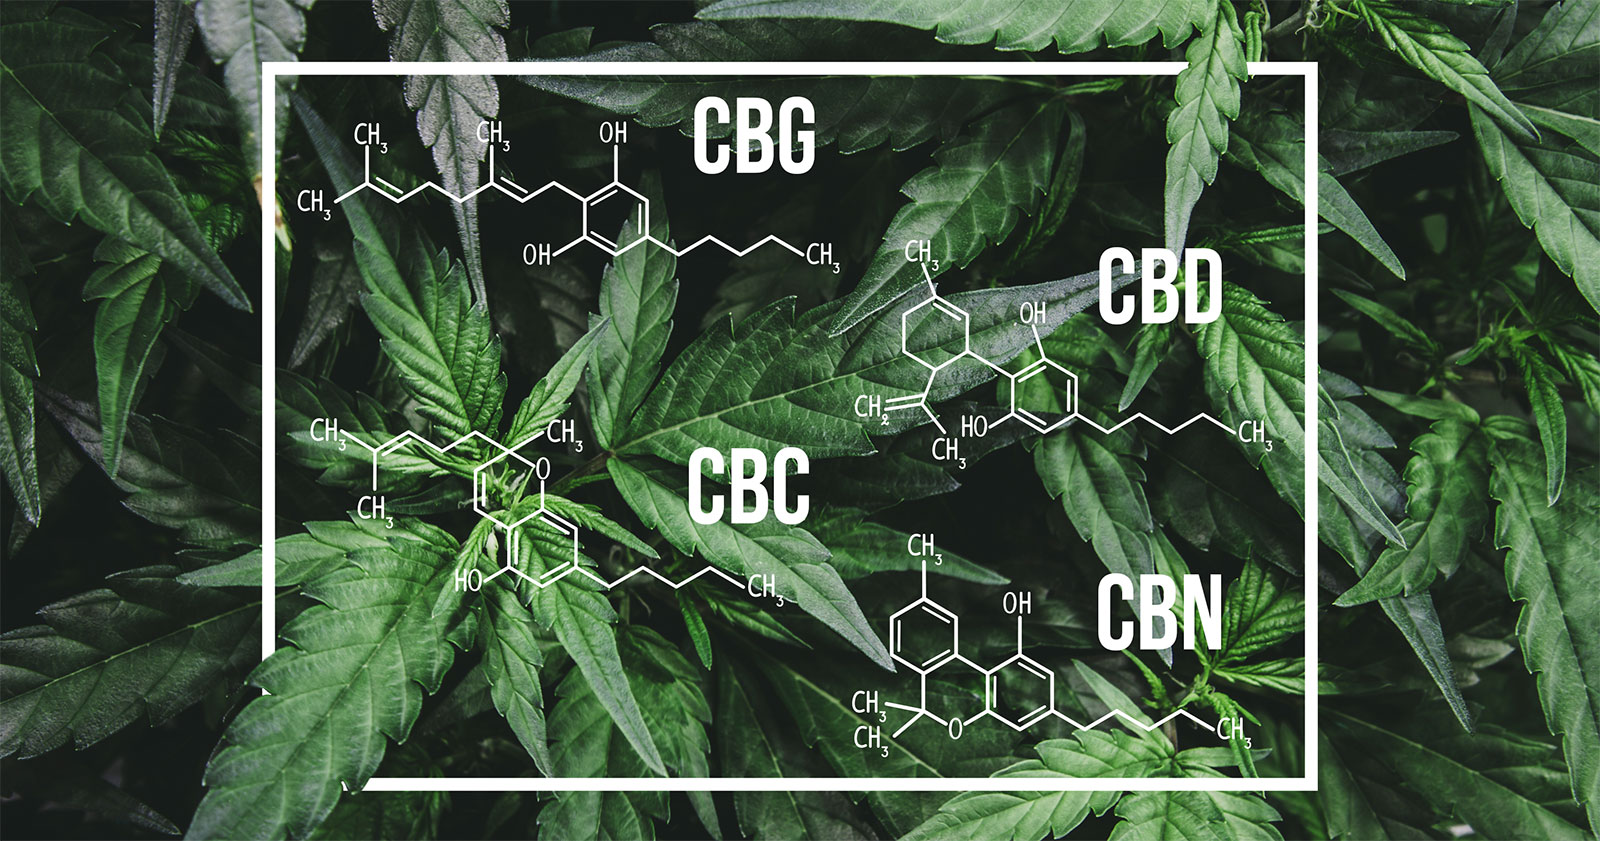 cannaglobe-cbd-cbg-cbn-cbc-molecular-structures-hemp-cannabis